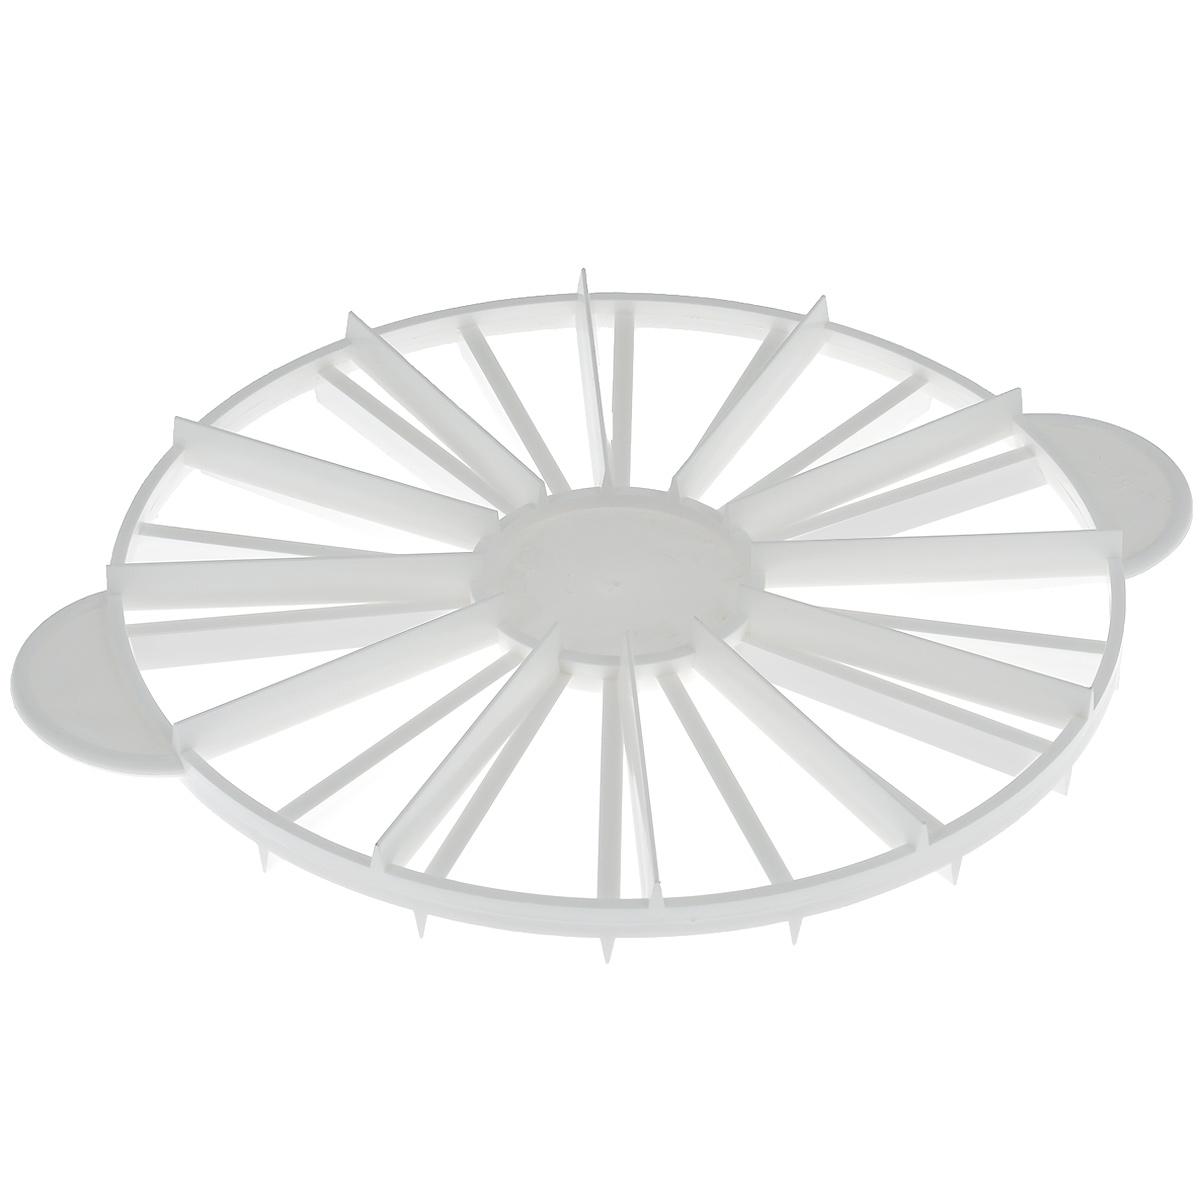 Декоратор кулинарный Dr.Oetker, с порционной разметкой, диаметр 26,5 см1641Декоратор кулинарный Dr.Oetker выполнен из пищевого пластика и предназначен для украшения кулинарных изделий. Декоратор позволяет делать разметку для нарезания торта на 12 и 18 кусков. Декоратор Dr.Oetker станет незаменимым атрибутом на кухне каждой хозяйки. Можно мыть в посудомоечной машине.